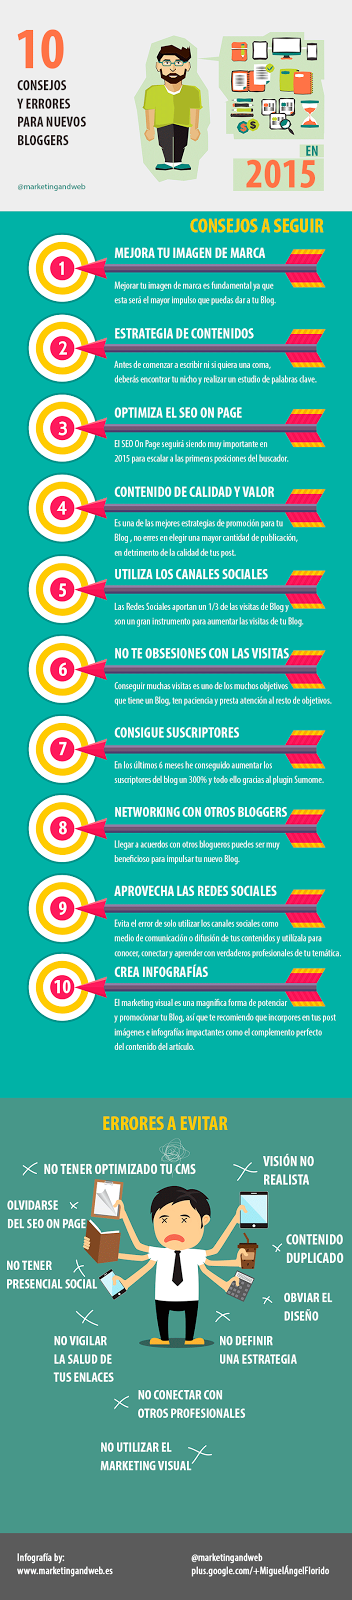 10 consejos para nuevos Bloggers